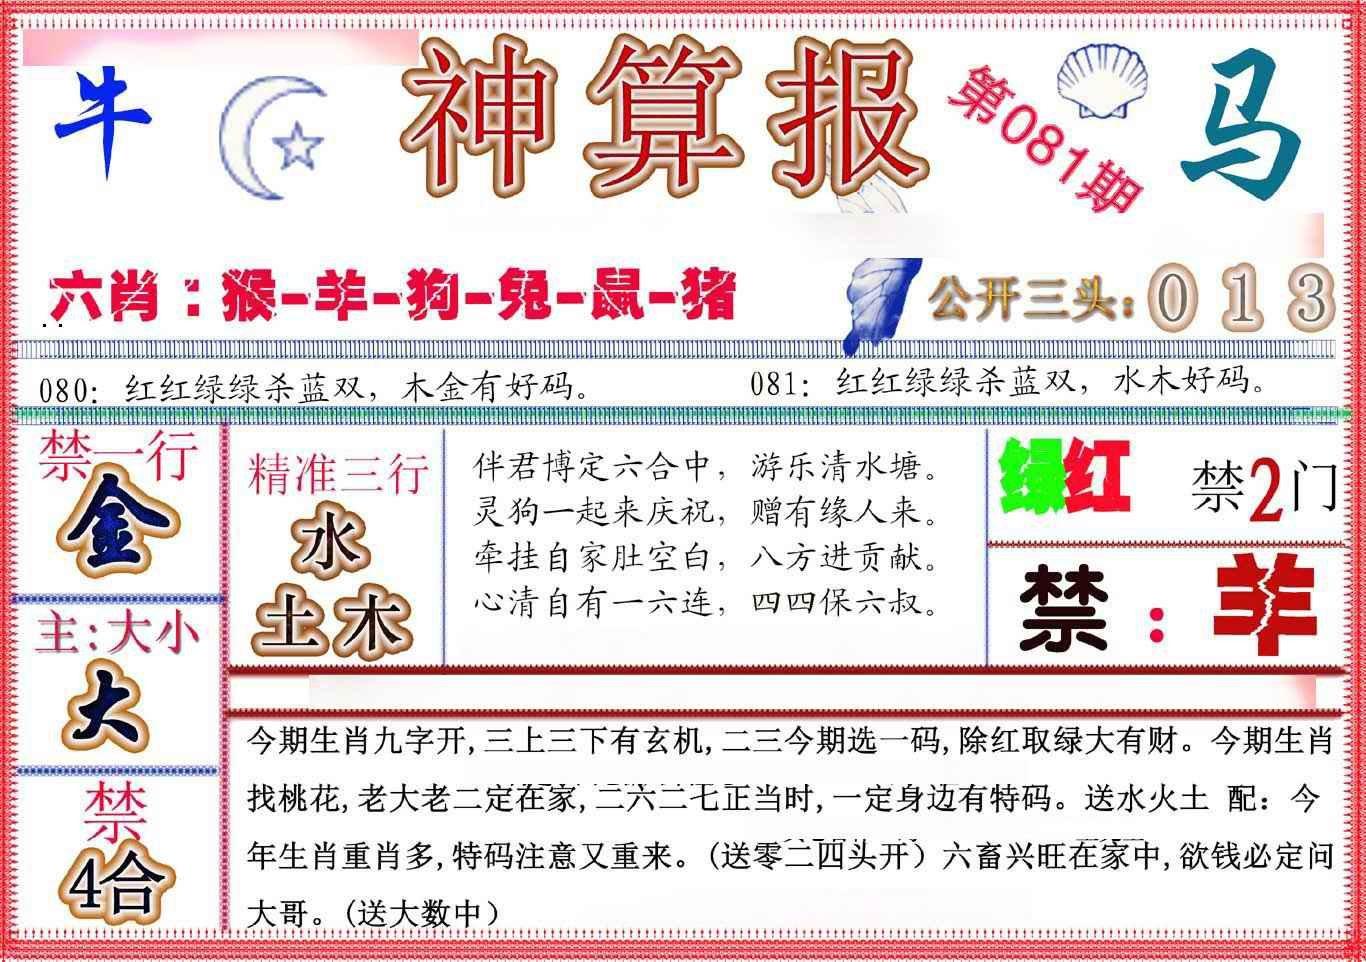 081期神算报(新版)